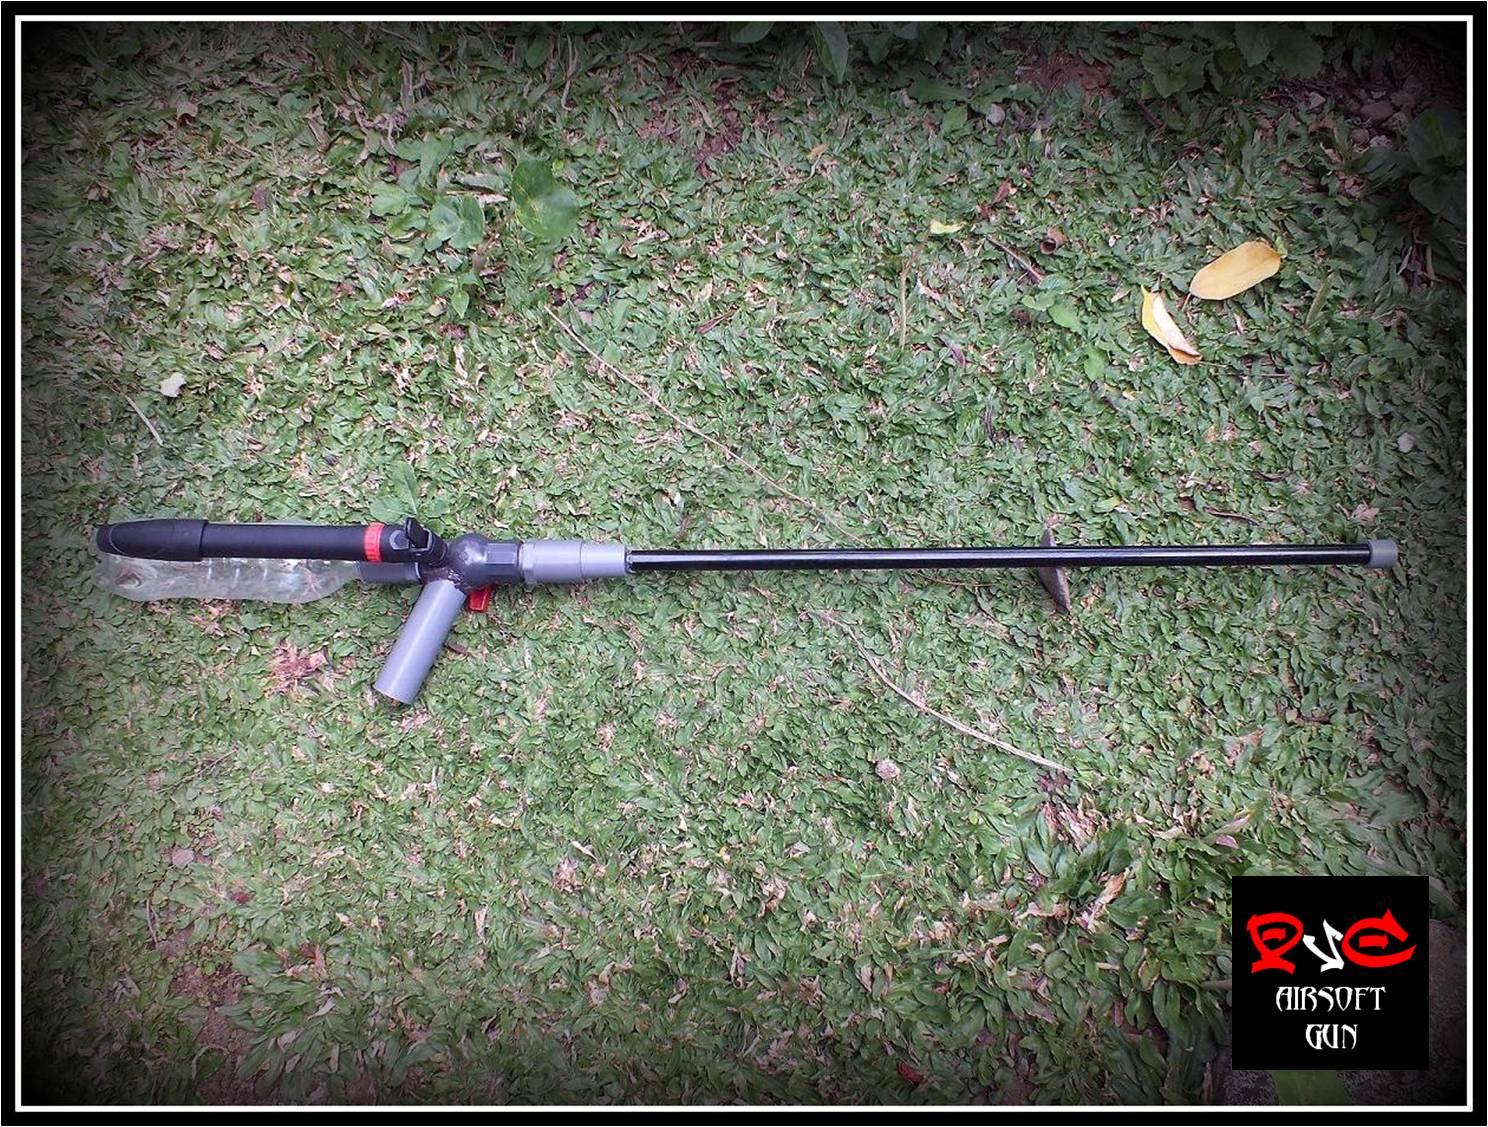 PVC Airsoft Gun | Membuat senapan mainan | Spring